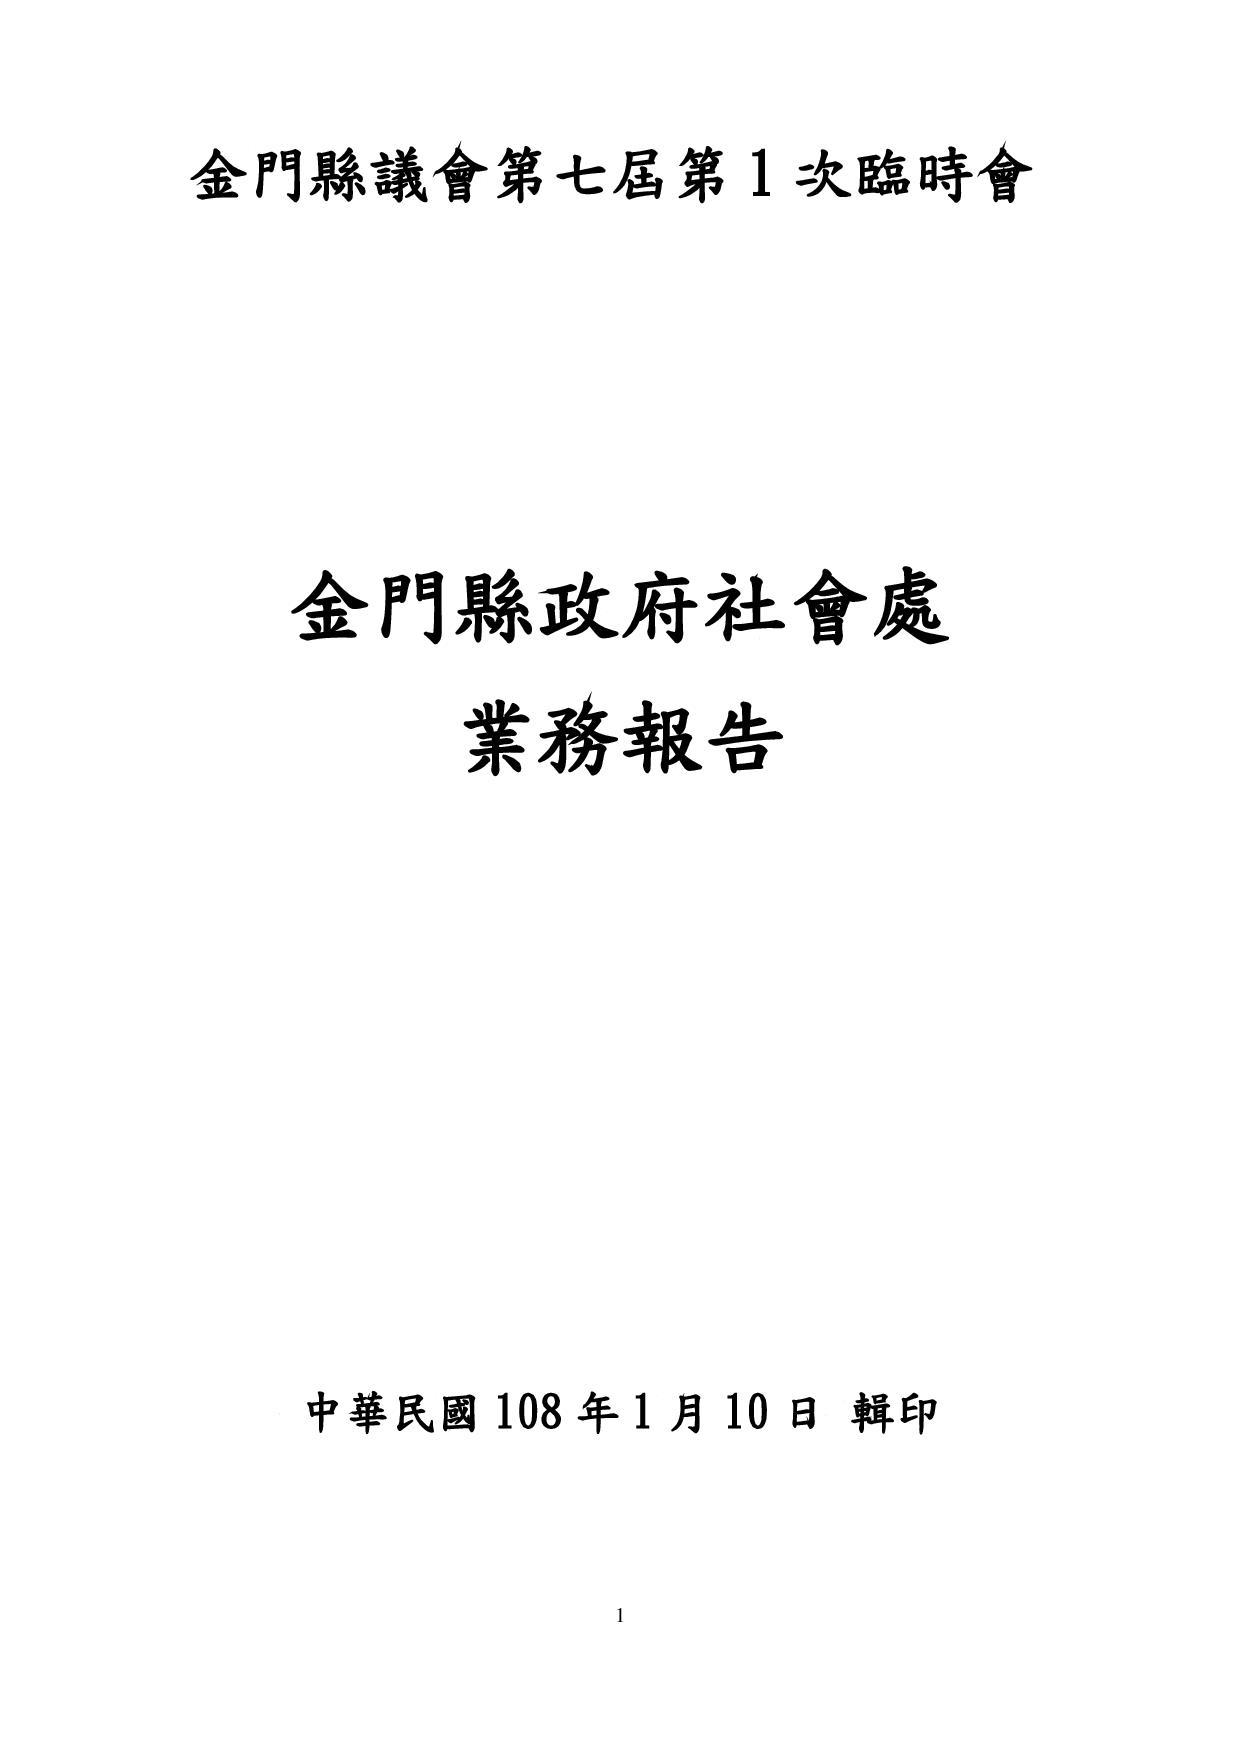 金門縣議會第七屆第1次臨時會社會處業務報告